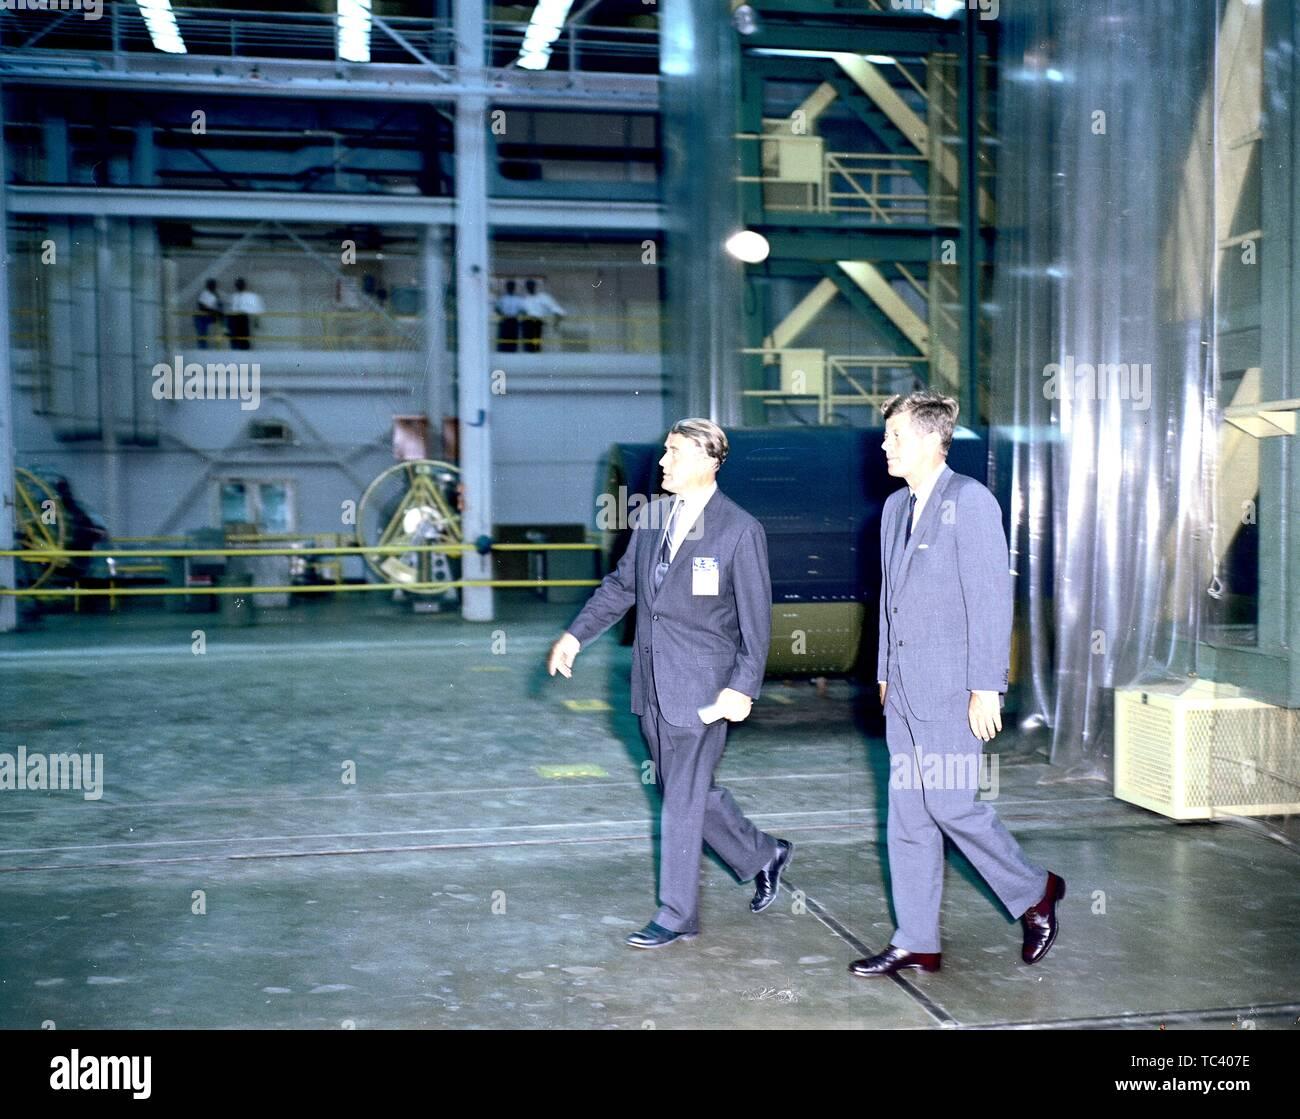 Präsident John F. Kennedy und Dr. Wernher von Braun tour Eine der Laboratorien des Marshall Space Flight Center, Huntsville, Alabama, 11. September 1962. Mit freundlicher Genehmigung der Nationalen Luft- und Raumfahrtbehörde (NASA). () Stockfoto